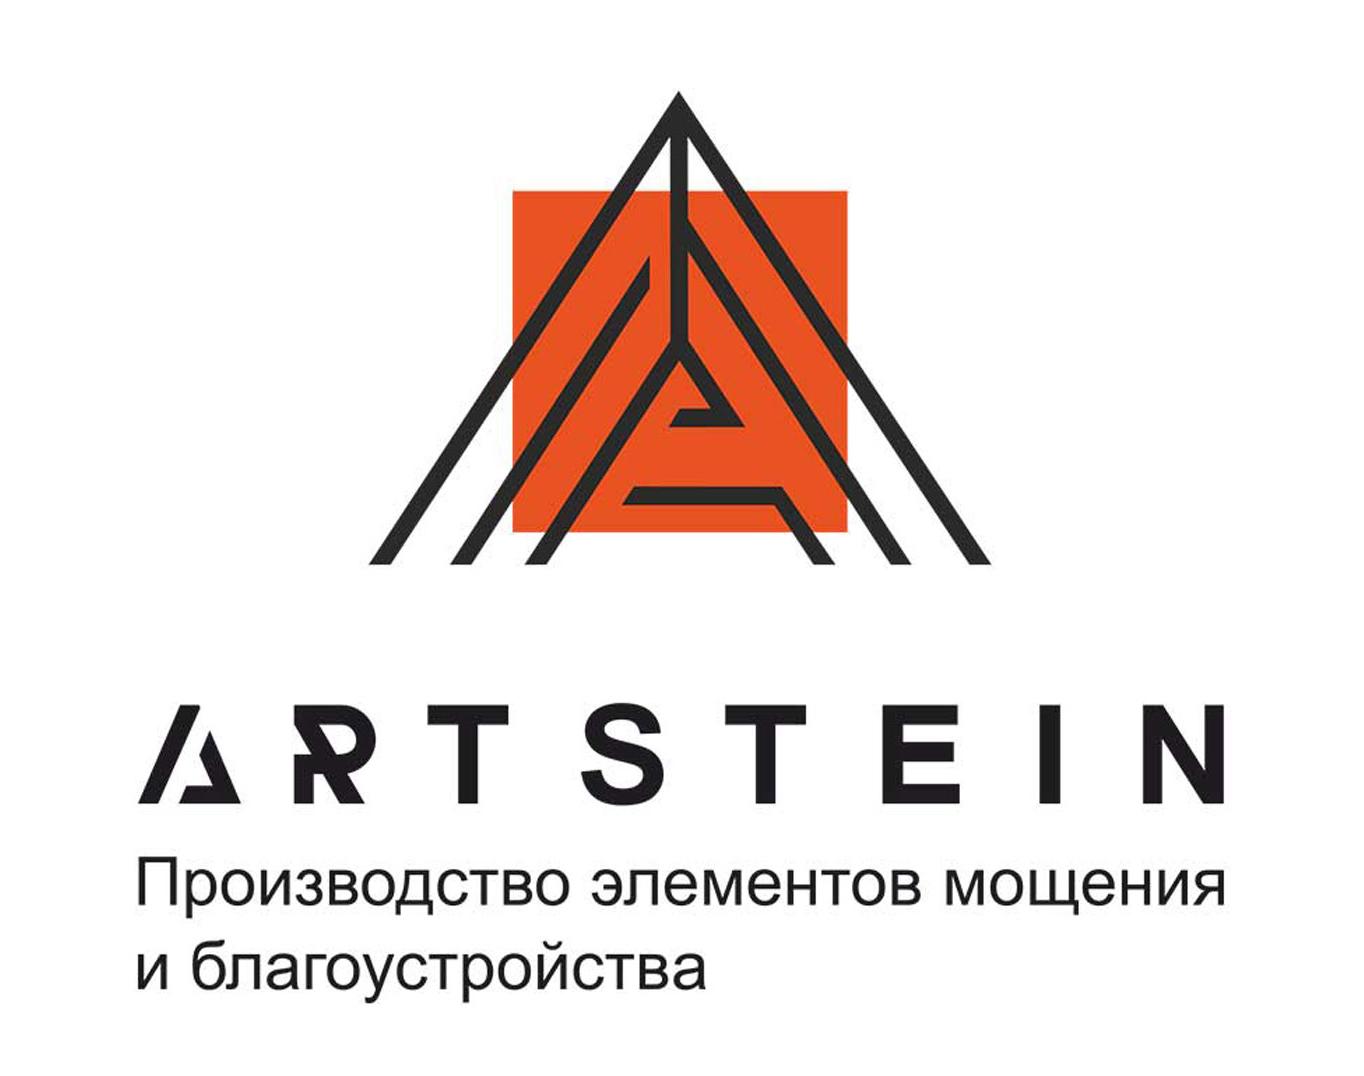 Artstein